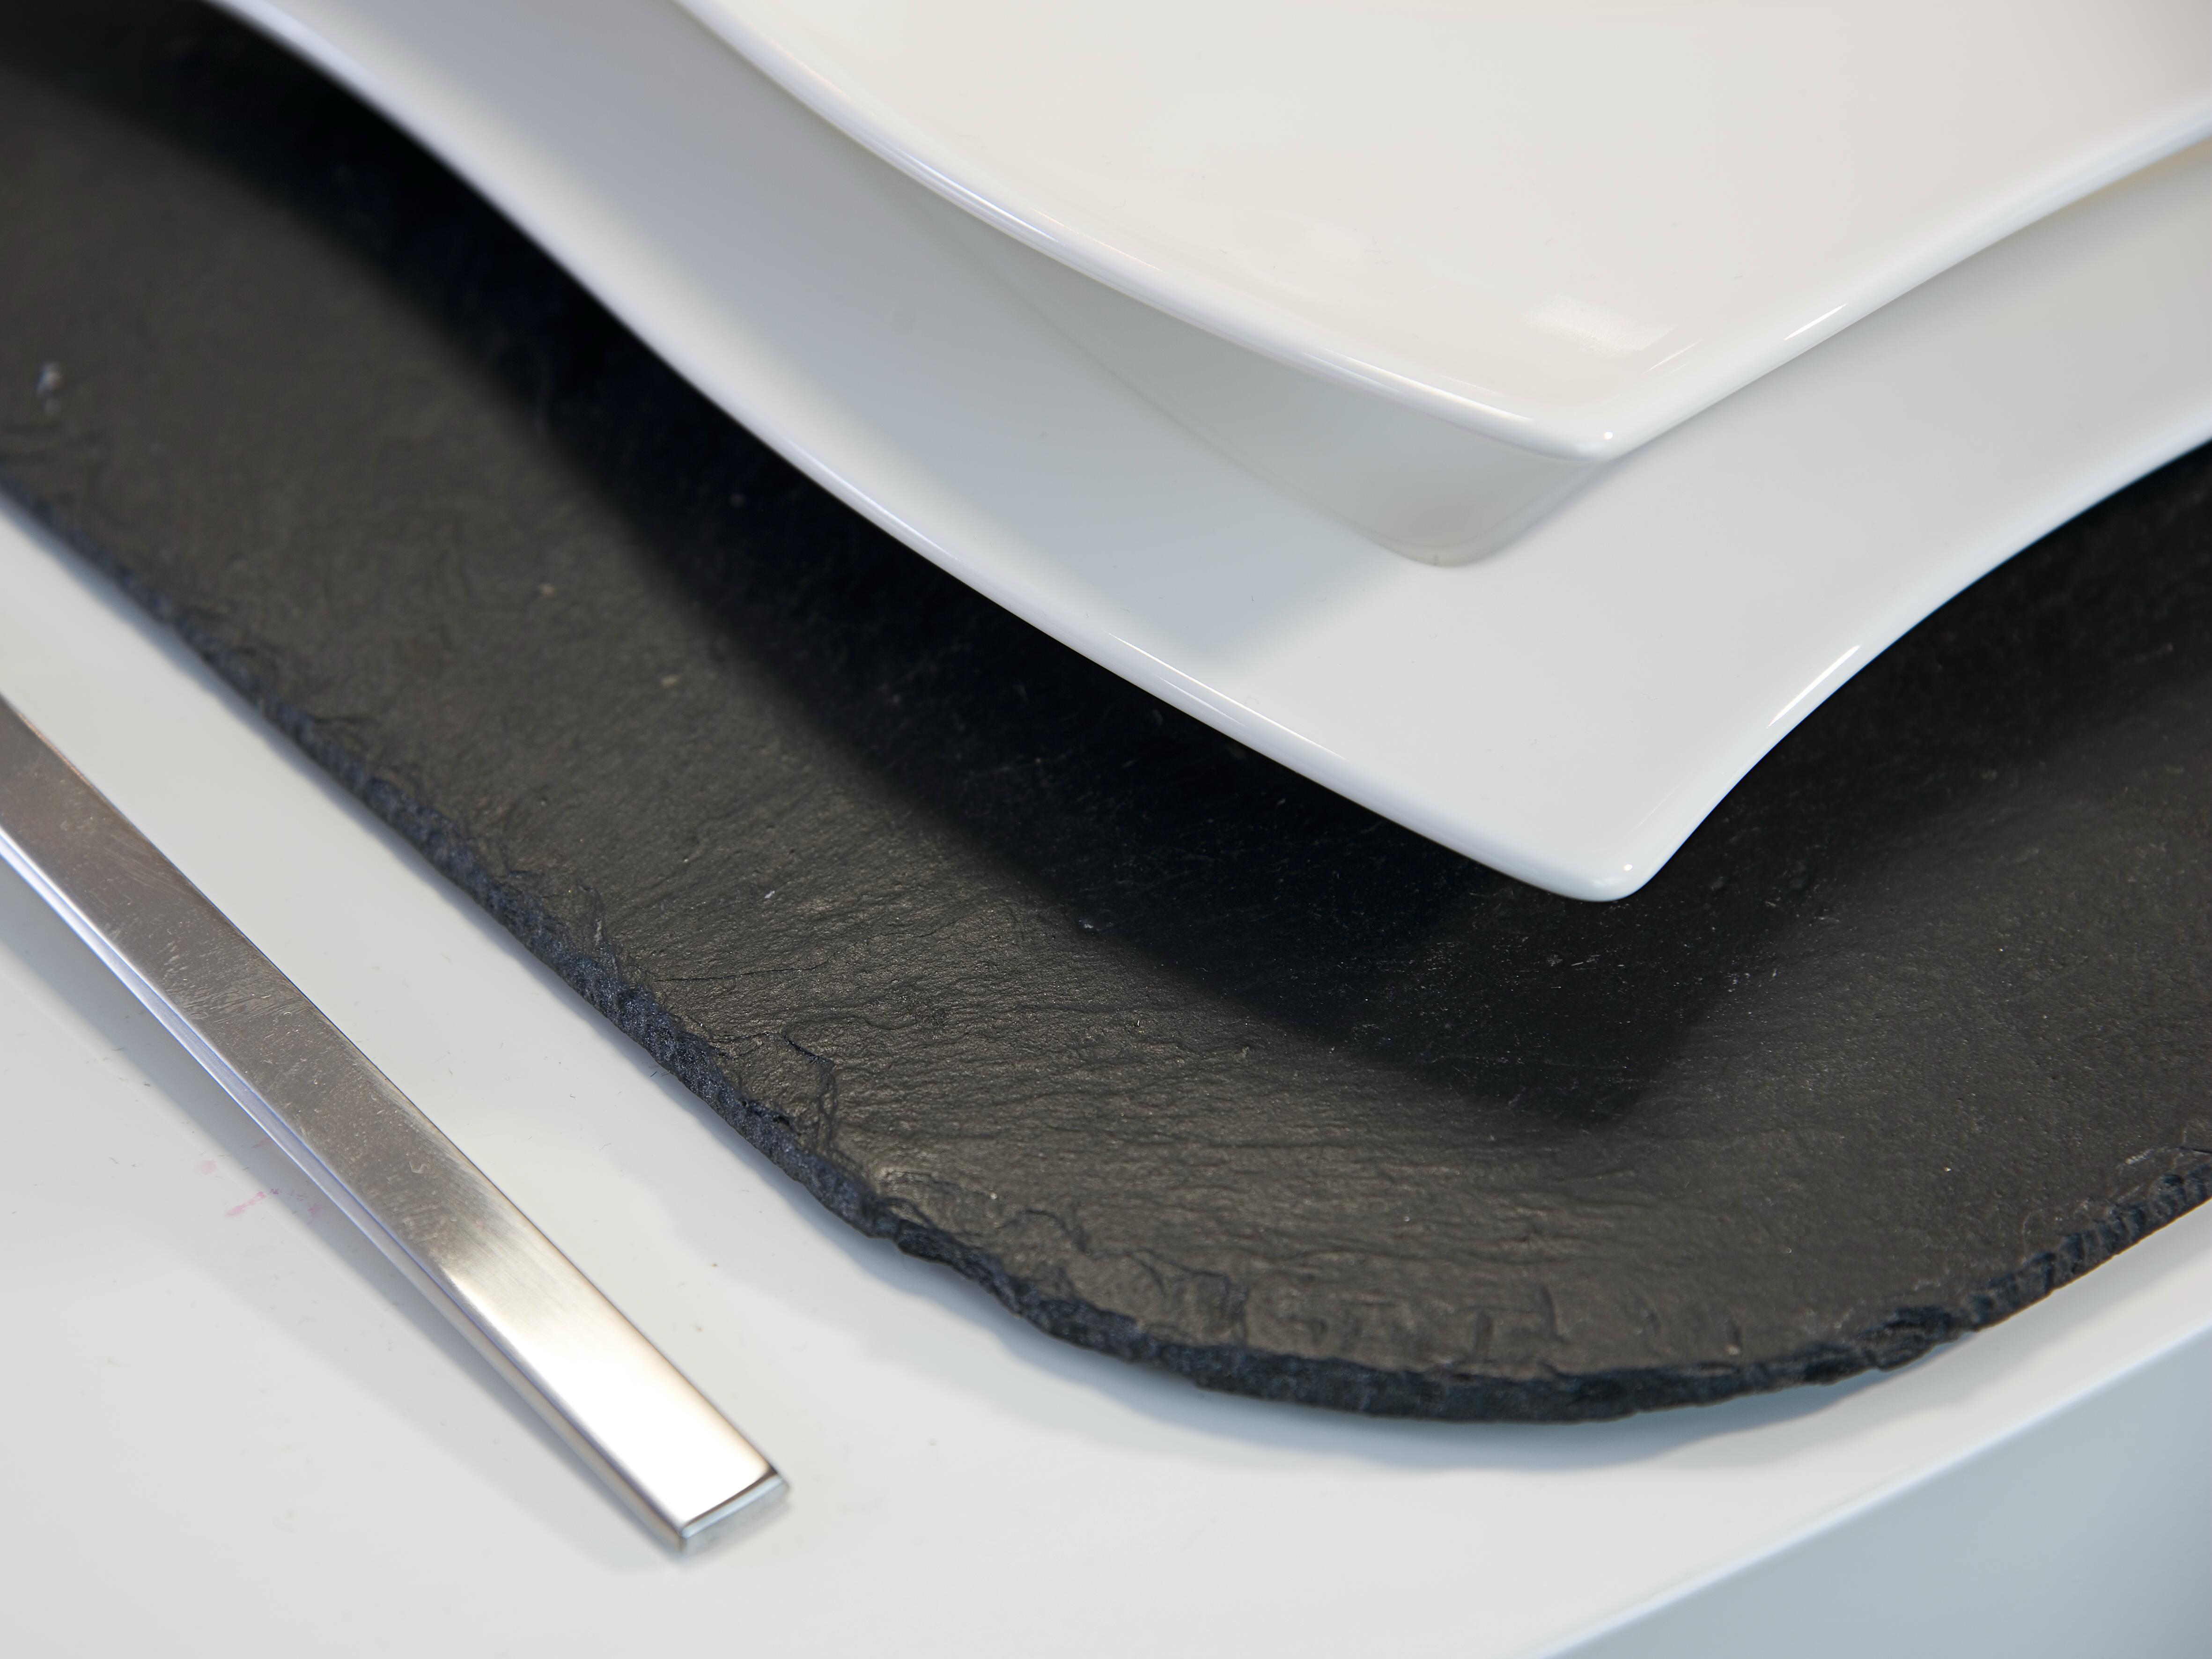 Naturschiefer Tischset mit runden Ecken